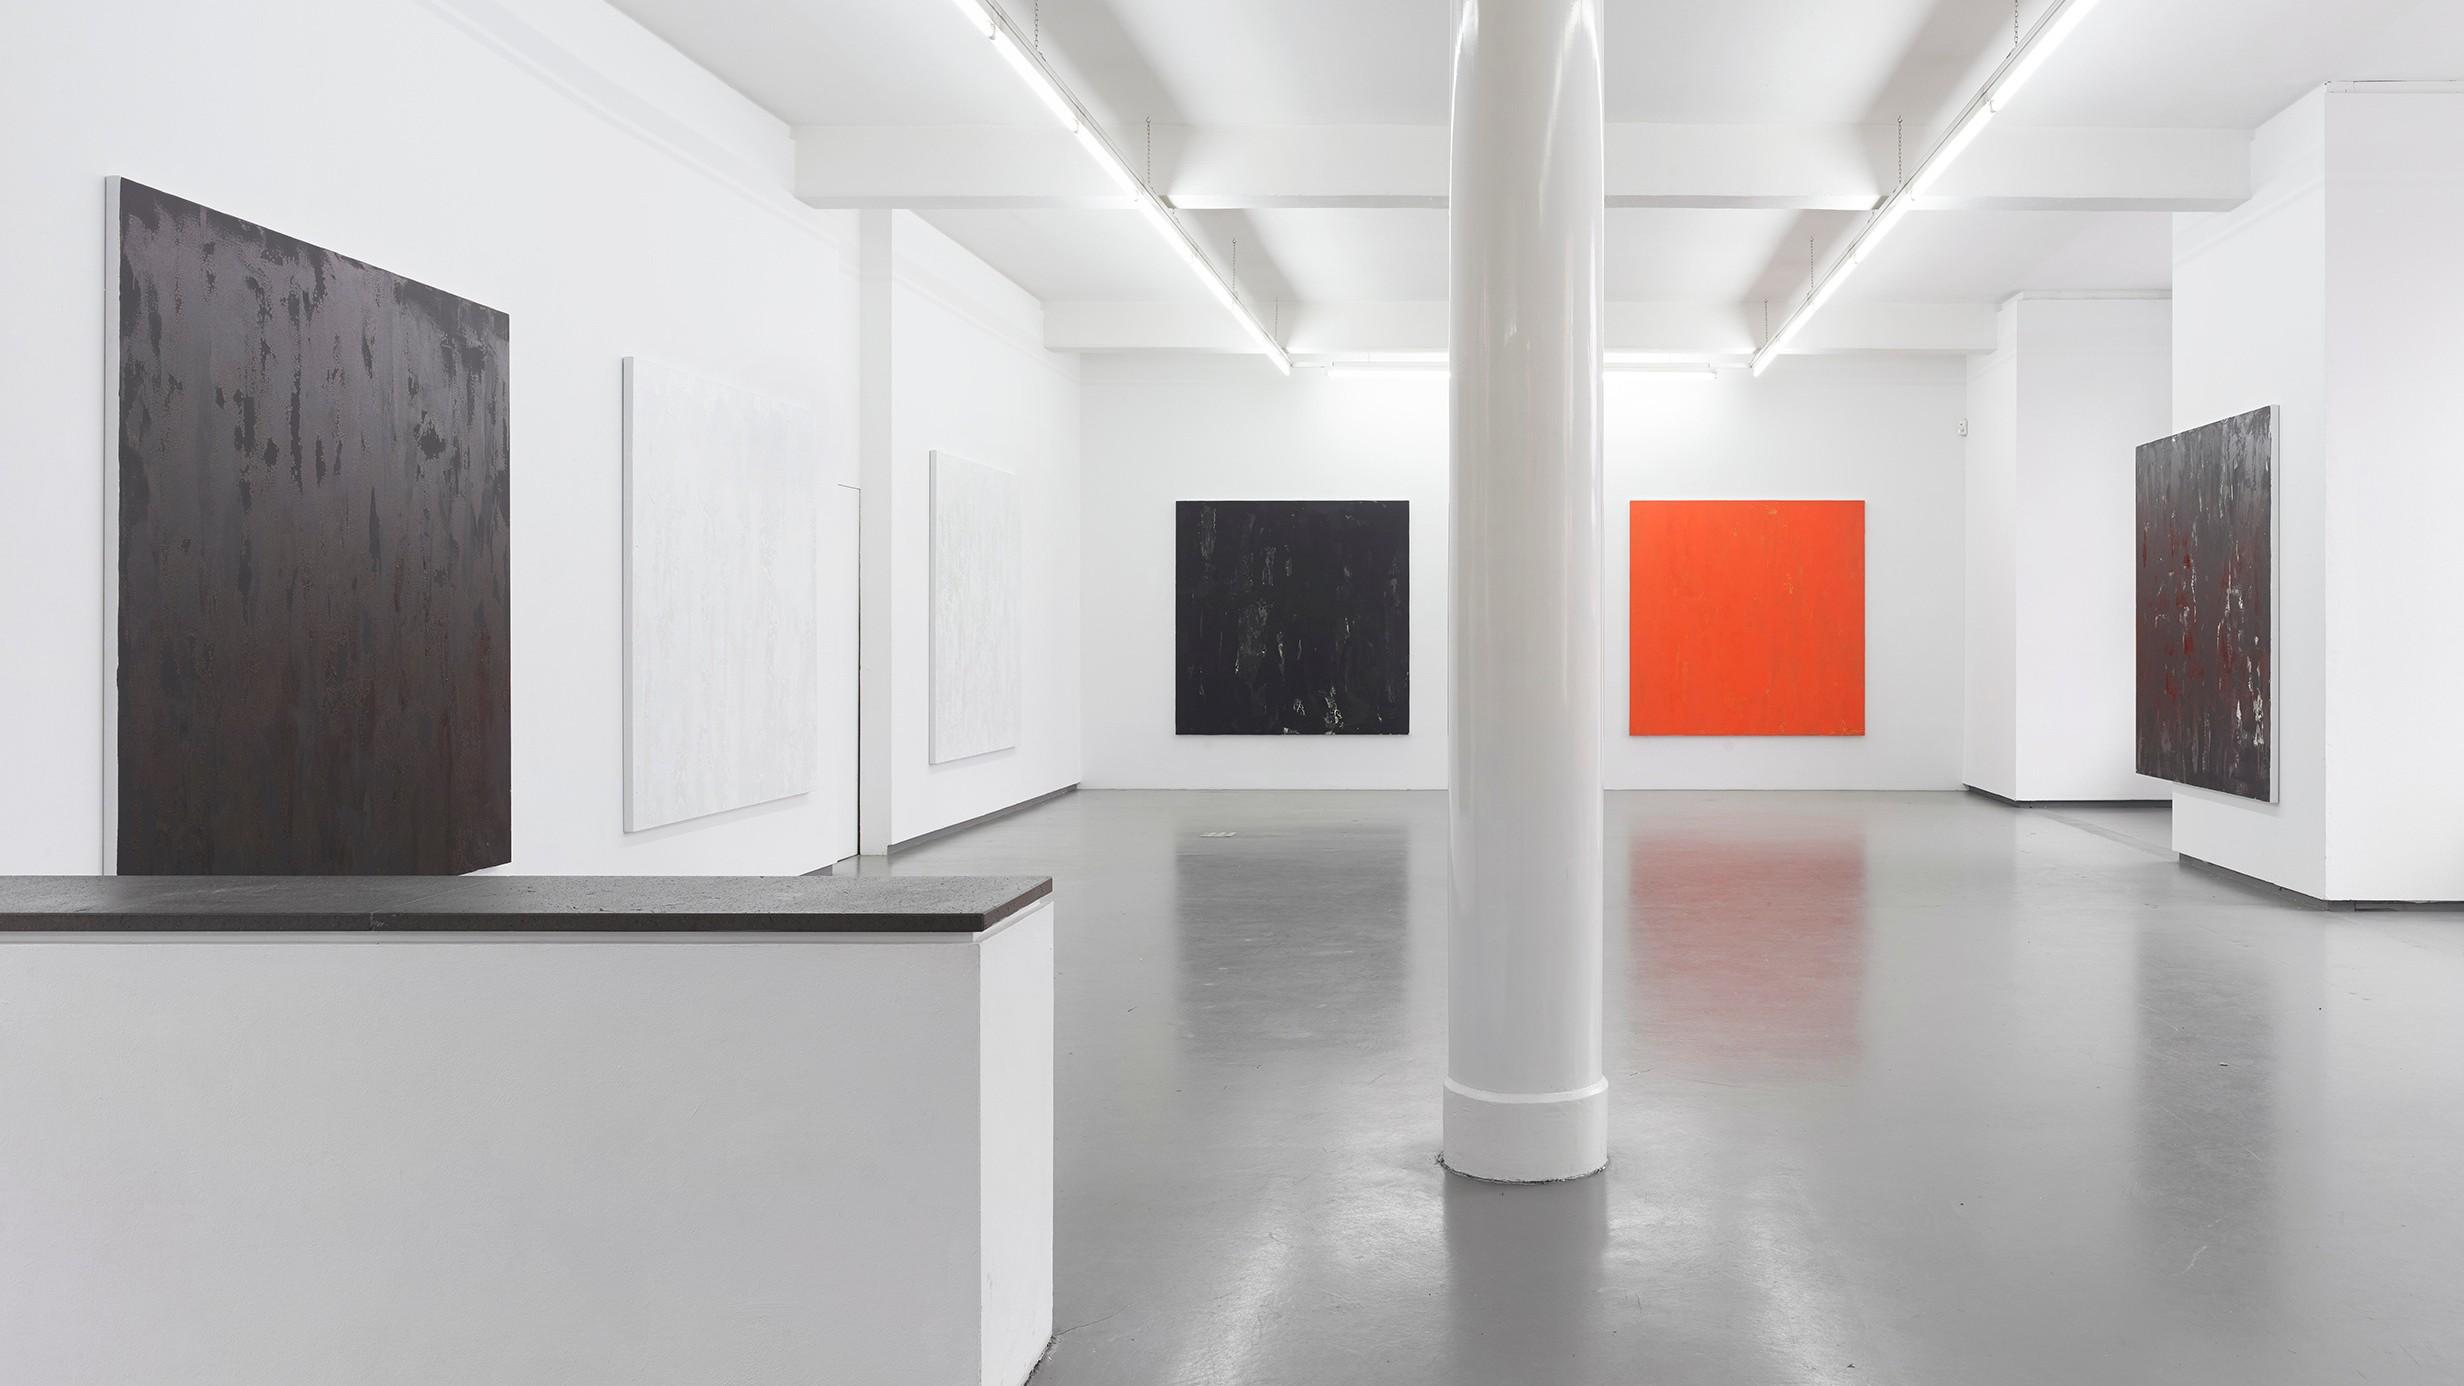 Galerie Nagel Draxler | Art Basel